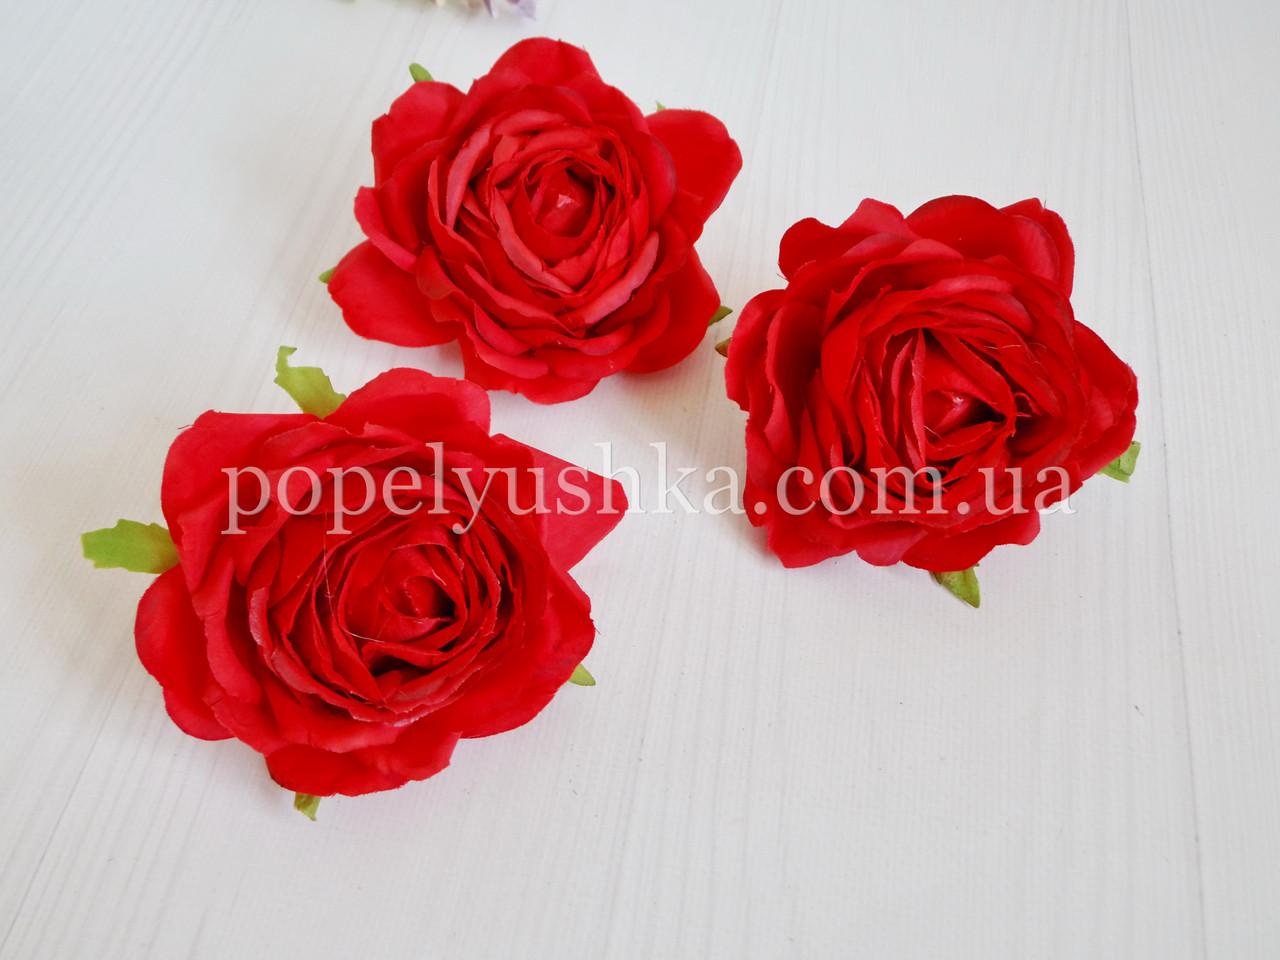 """Головка троянди """"Преміум"""" 9 см червона"""